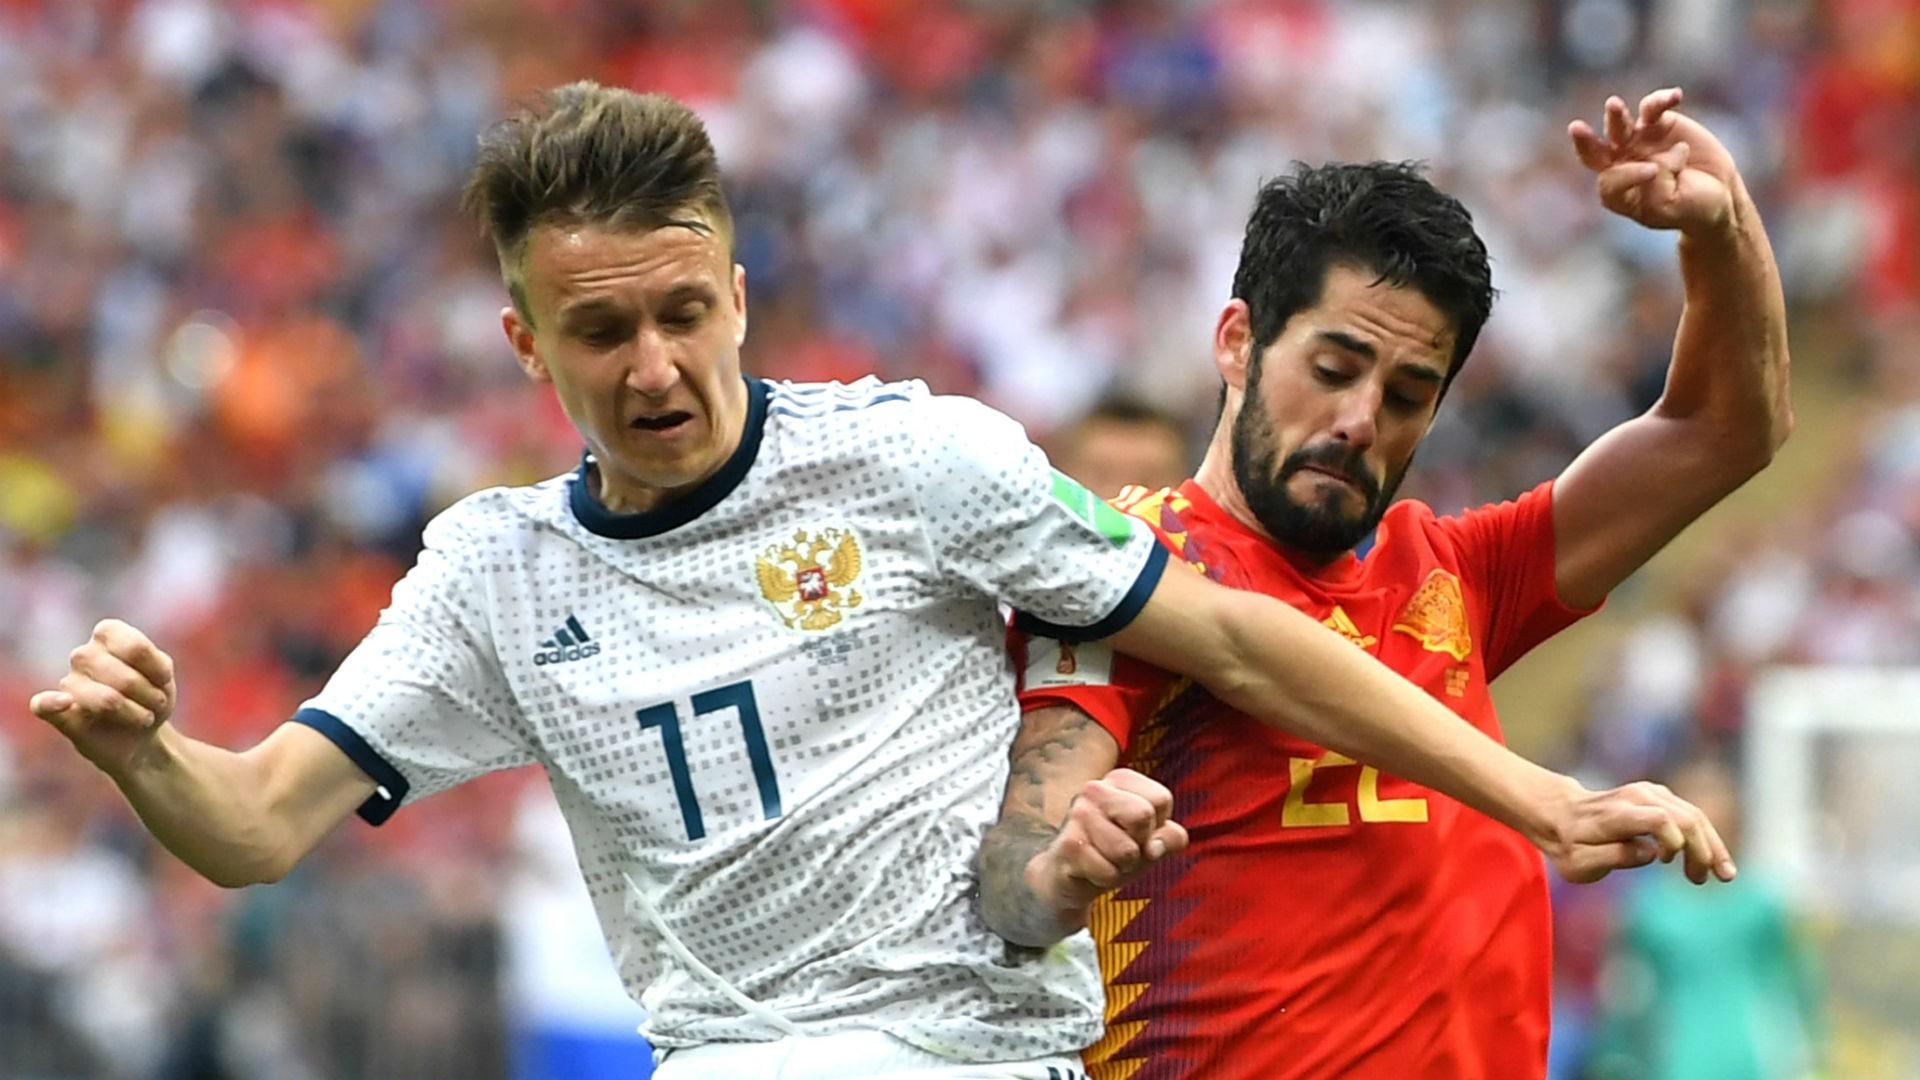 戈洛温母亲确认切尔西已开始谈判,或世界杯后完成转会